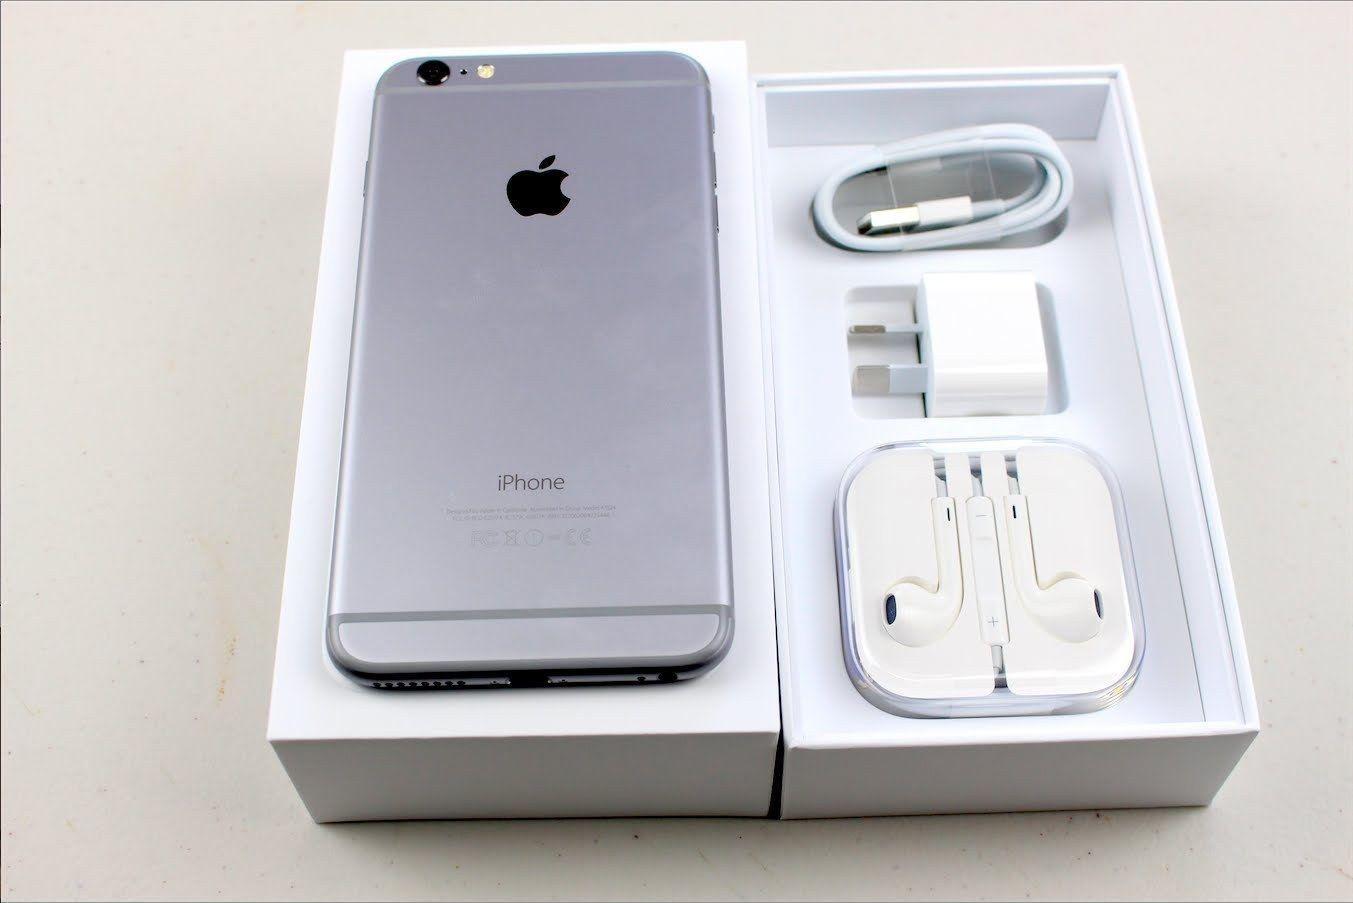 Iphone Apple Ios New In Box Apple Iphone 6 Plus 16 Gb Grey For Verizon 369 99 Item Specifics Condit Iphone Apple Iphone Apple Iphone 6